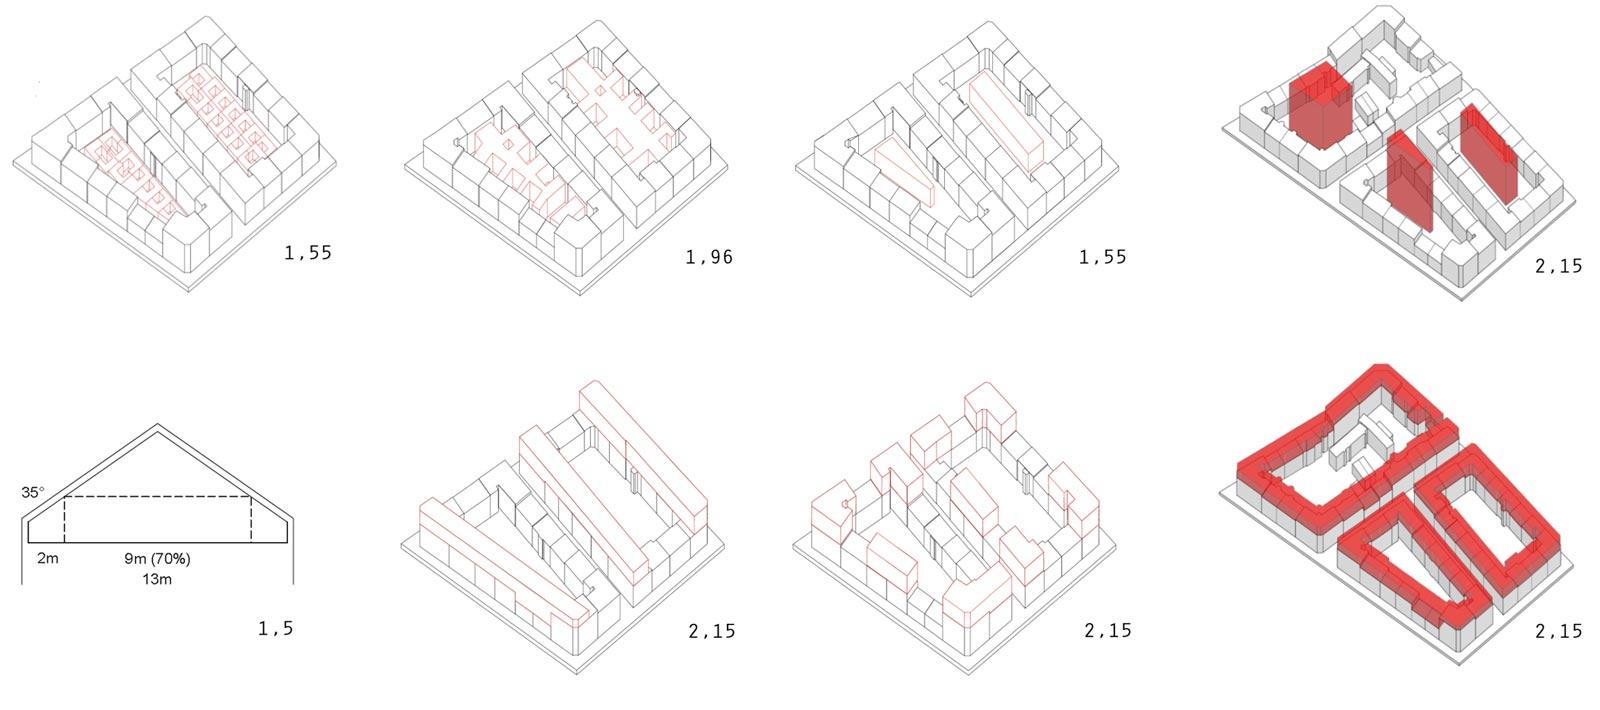 Verschiedene horizontale und vertikale Möglichkeiten der Nachverdichtung, vorgeführt an einem Grazer Gründerzeitblock. Die Zahlen stehen für die damit erreichte Bebauungsdichte.